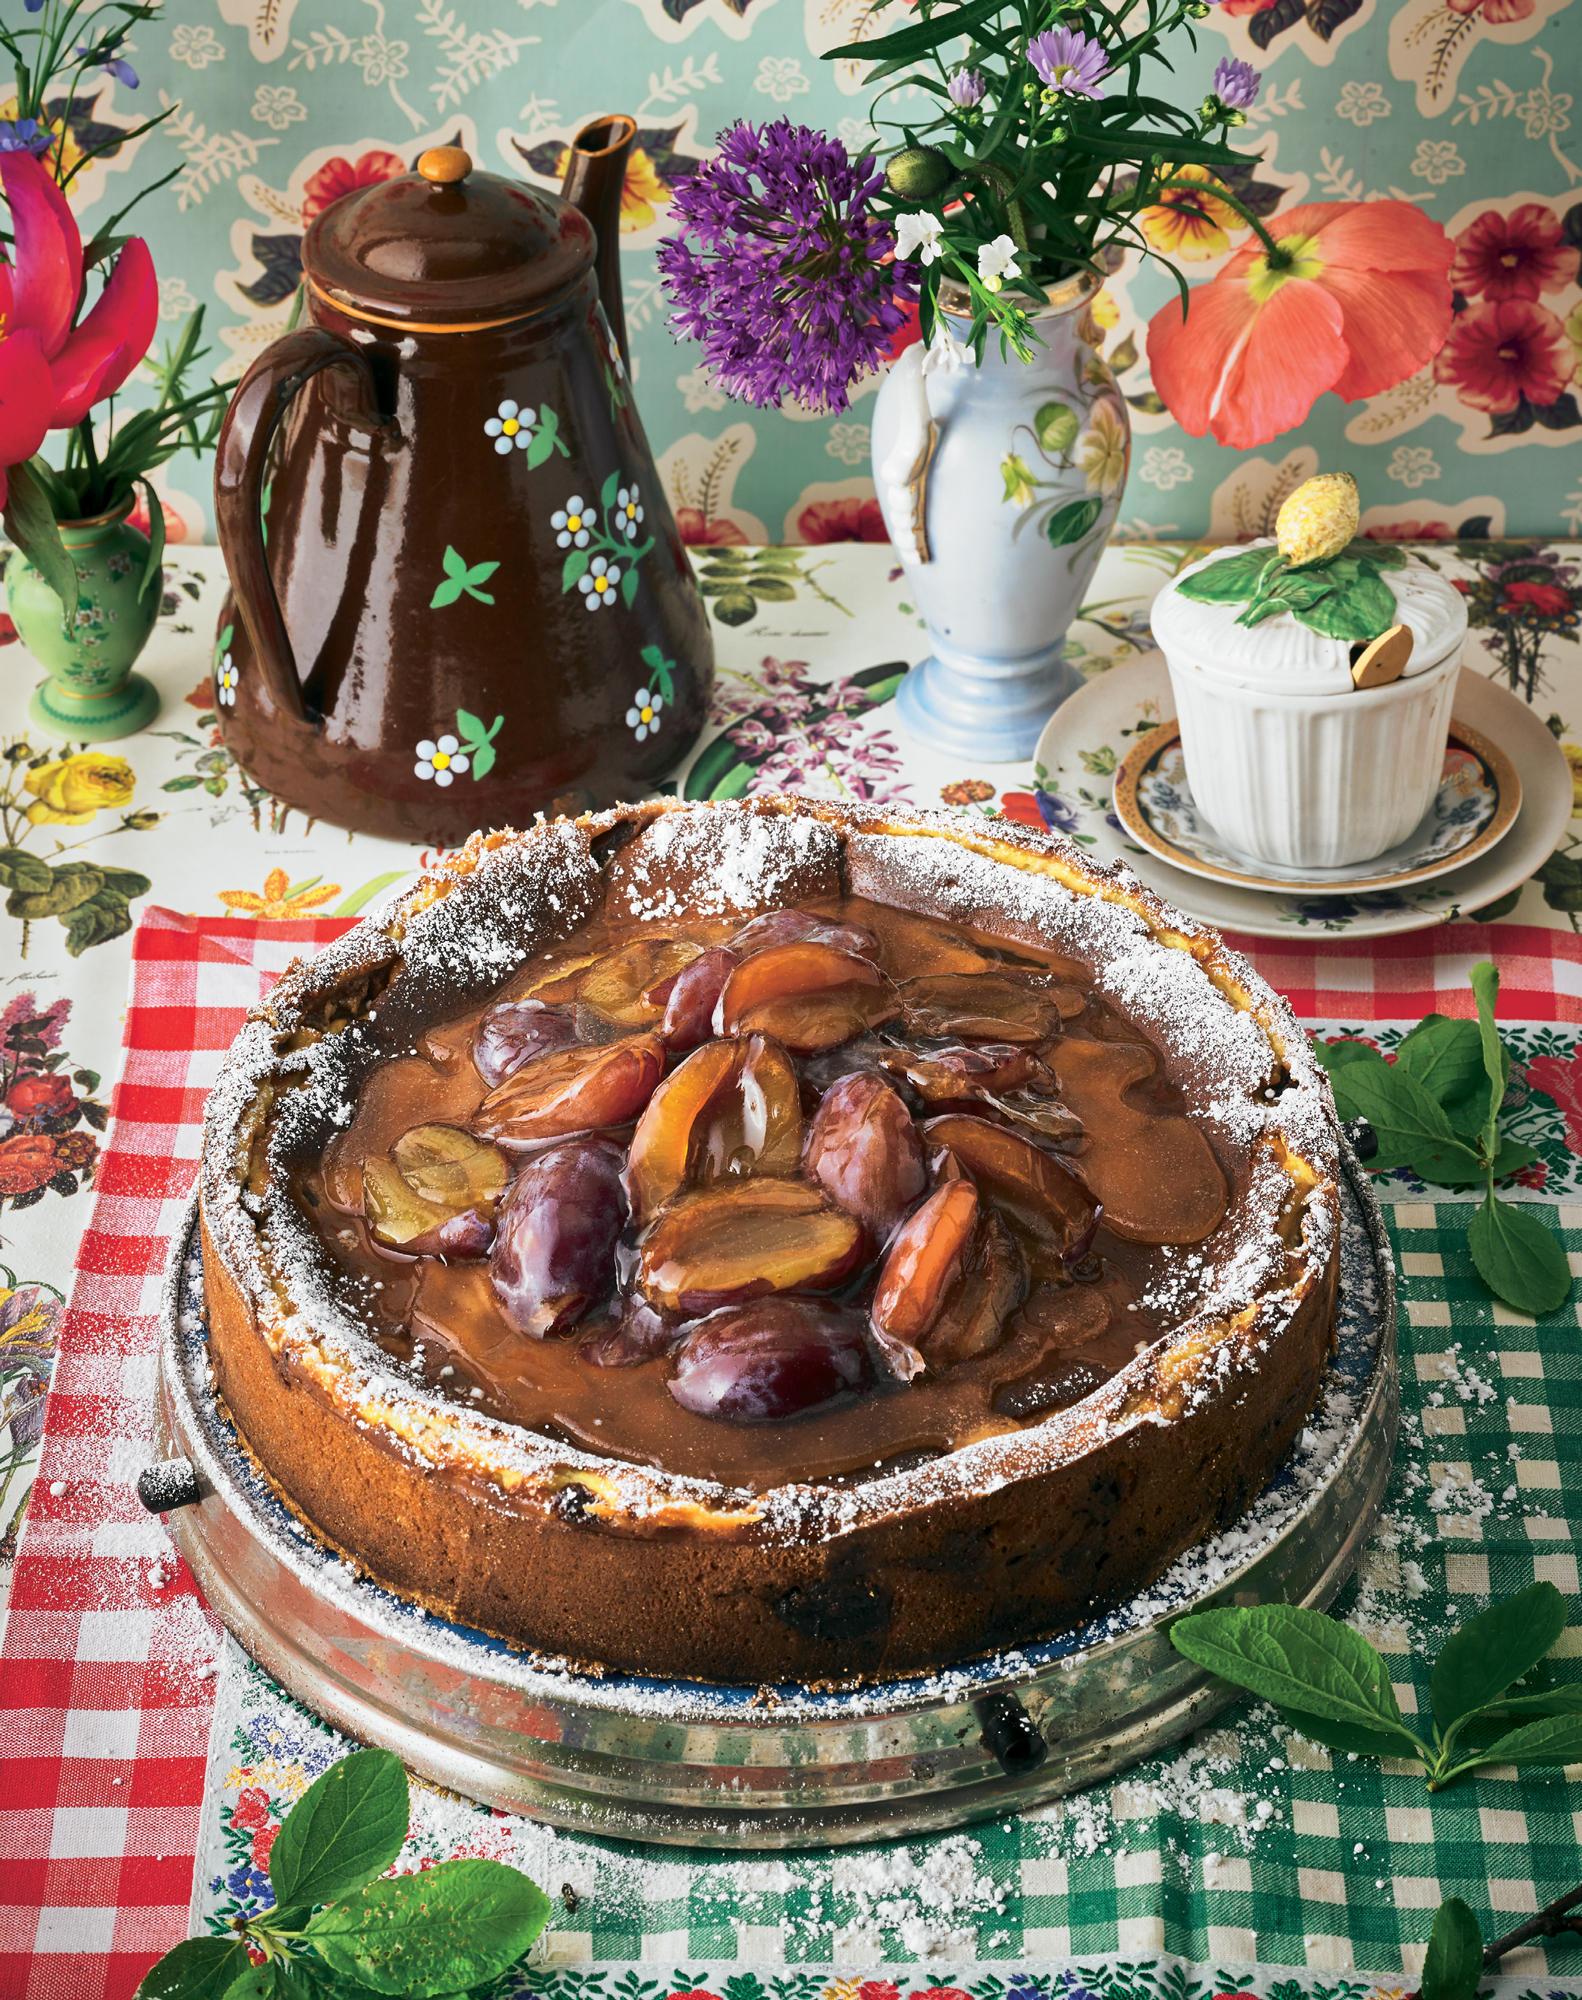 Gute obstkuchen rezepte beliebte gerichte und rezepte for Gute und gunstige kuchen